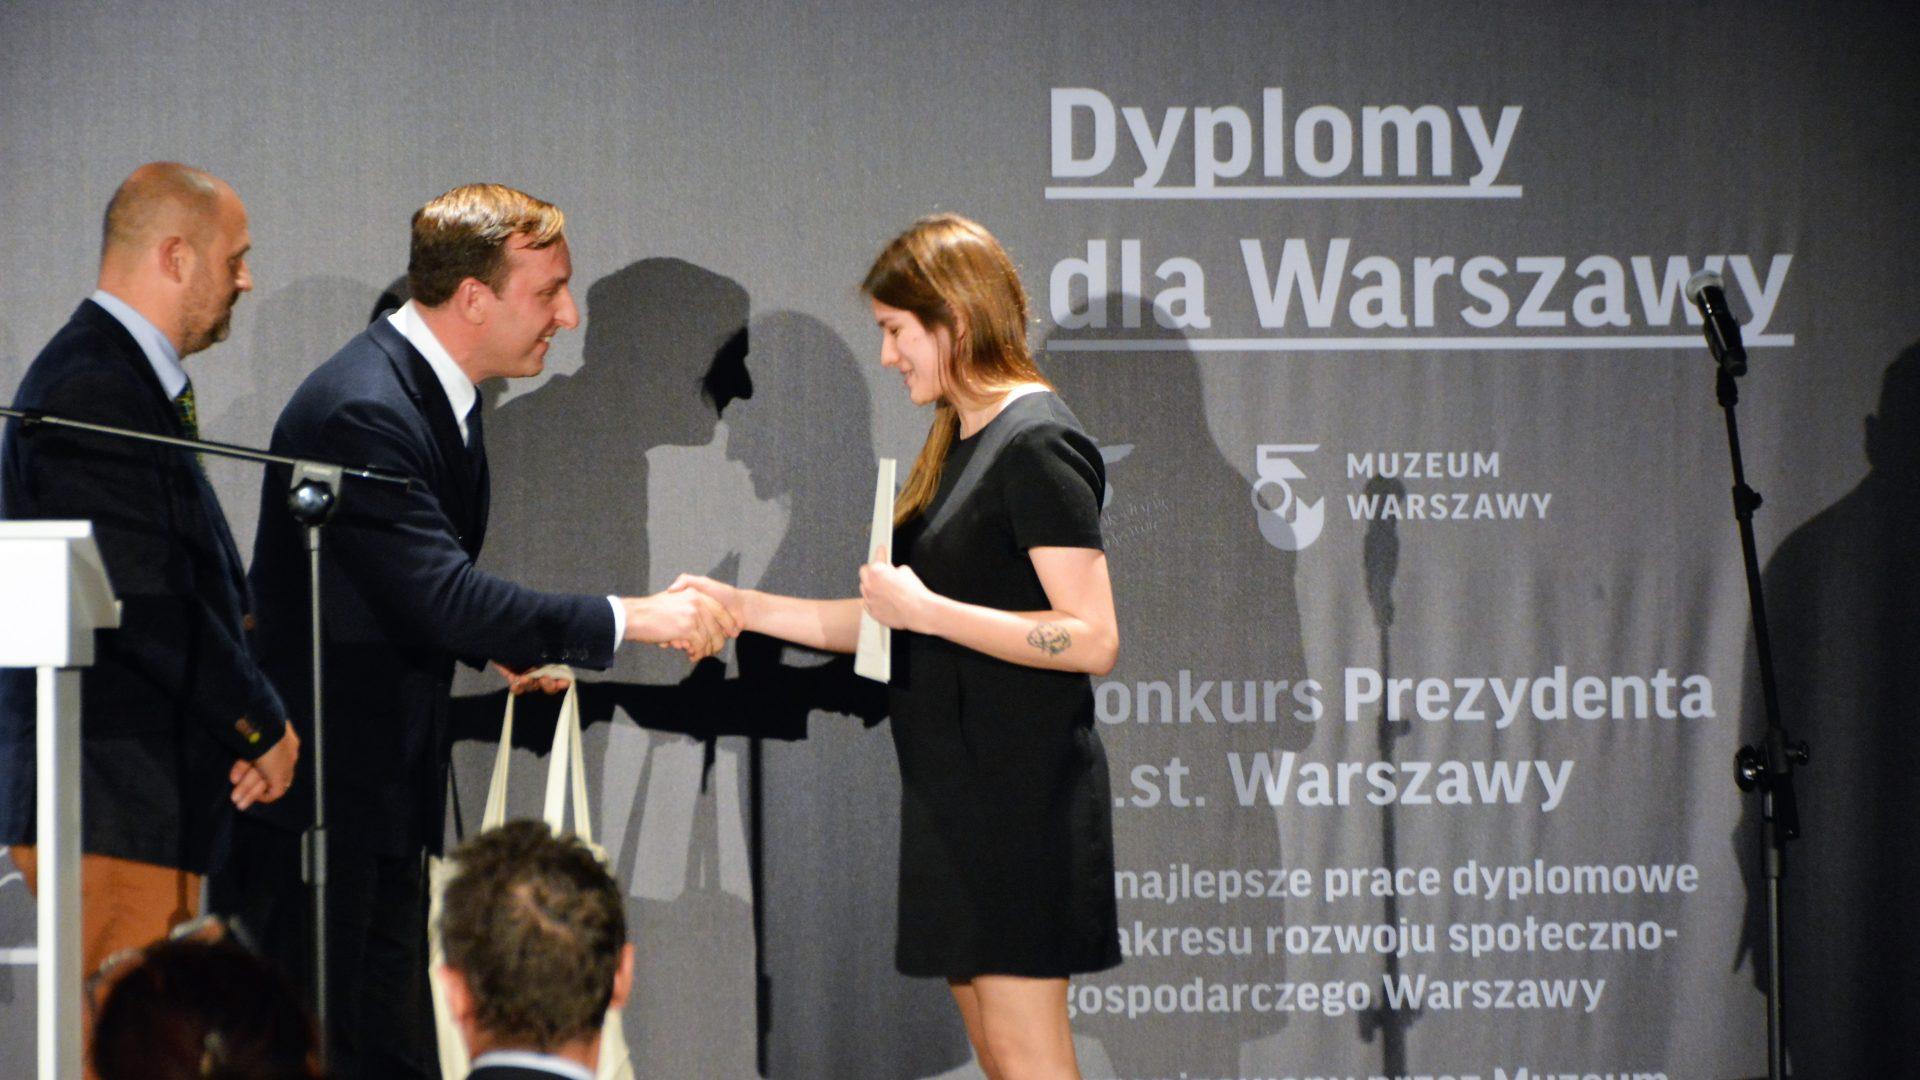 Oto laureatki ilaureaci konkursu Dyplomy dla Warszawy